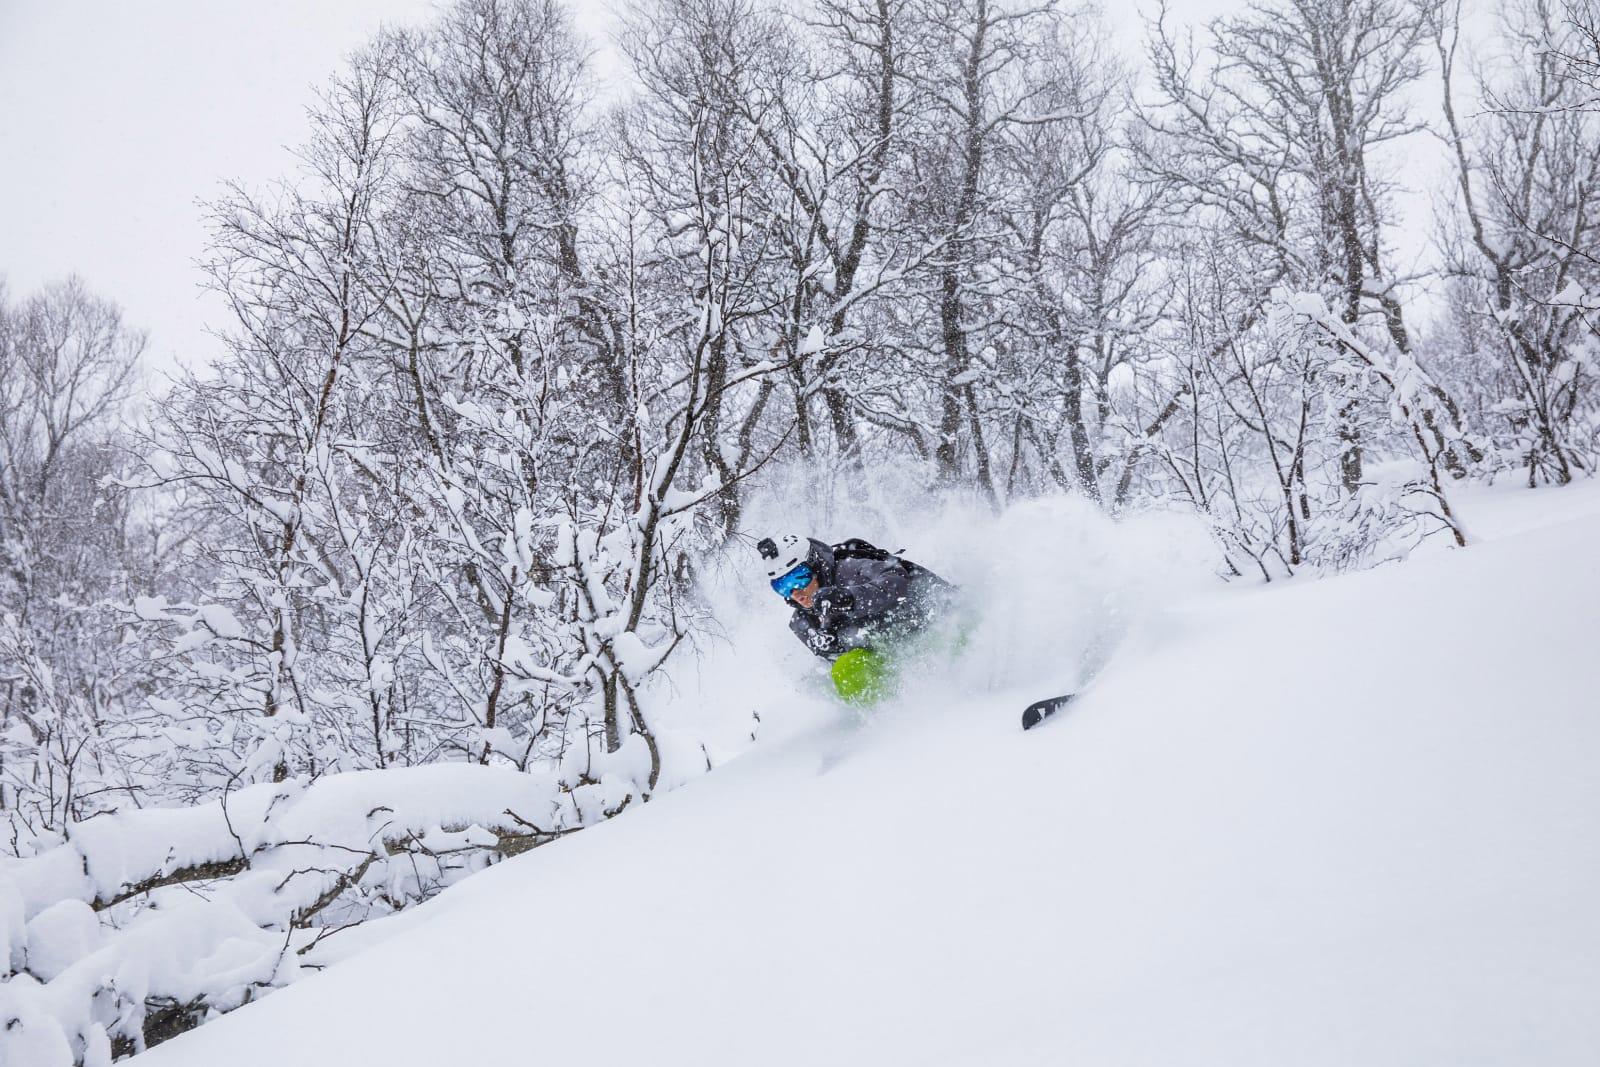 BONUSPUDDER: Primus motor Asbjørn Eggebø Næss fikk seg en solid dose pudder under skia på bonusdagen i Brandstadskogen. Bilde: Terje Aamodt